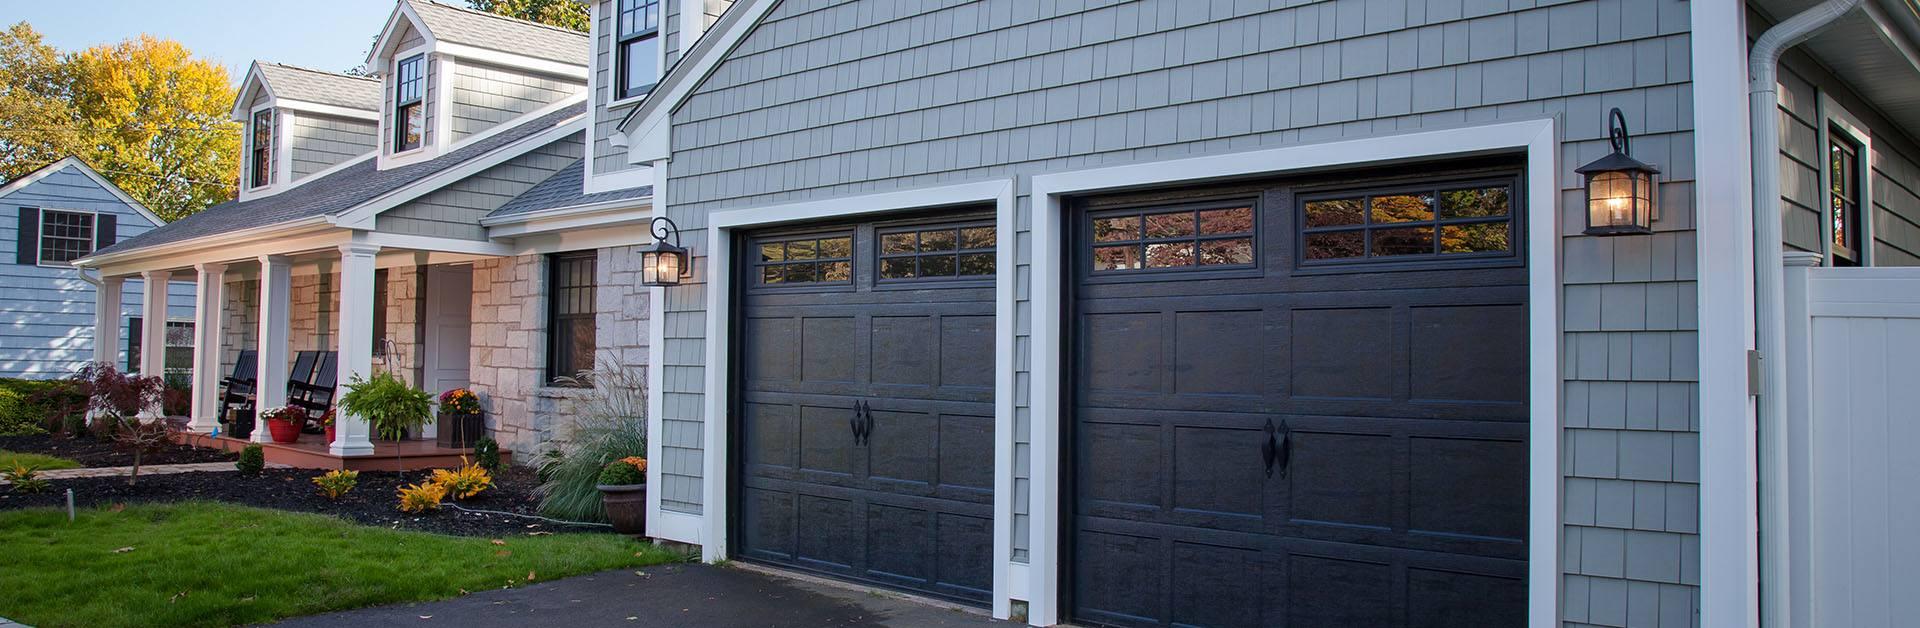 Overhead Garage Door Service Repair, Fast Local Garage Door Services Inc